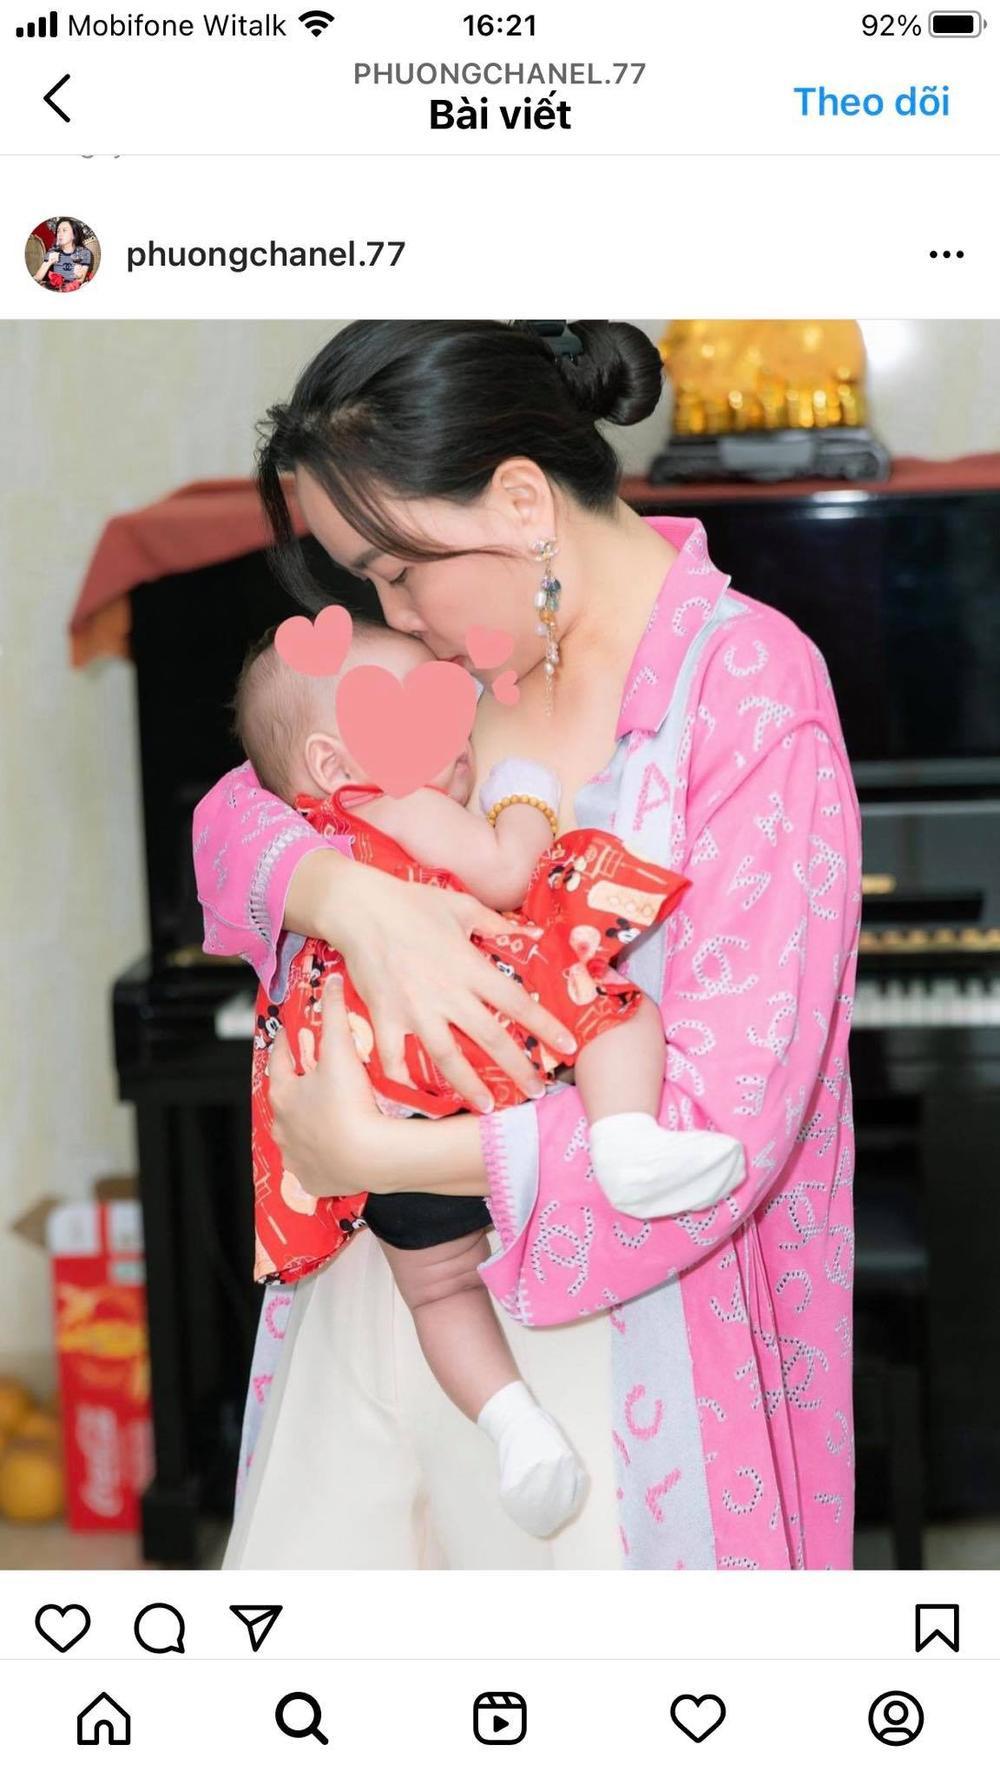 Phượng Chanel tiếp tục khoe con gái chung với Quách Ngọc Ngoan sau chia tay Ảnh 3